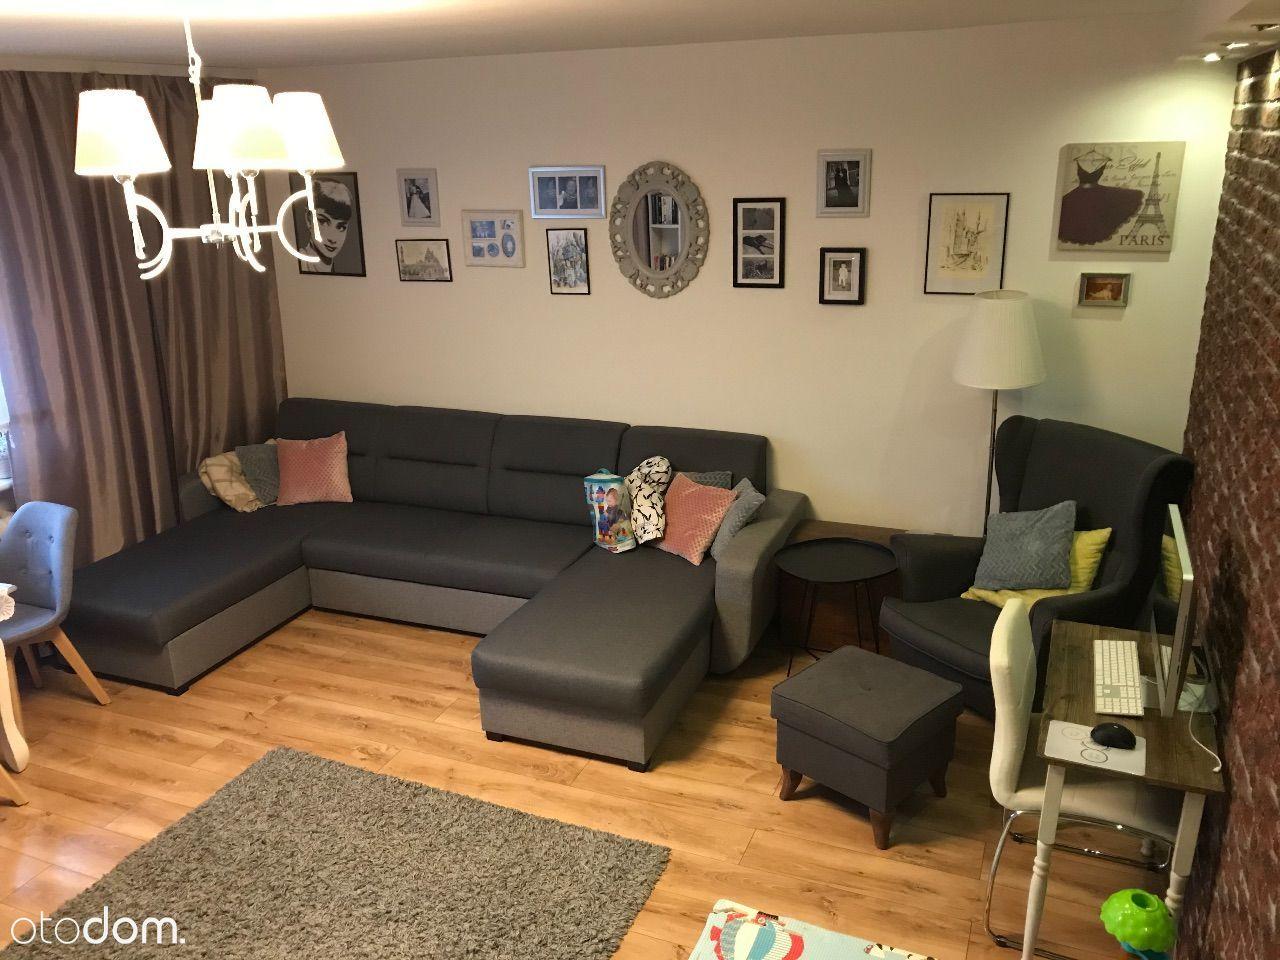 Mieszkanie 60 m2, 3 pokoje, winda, prywatnie